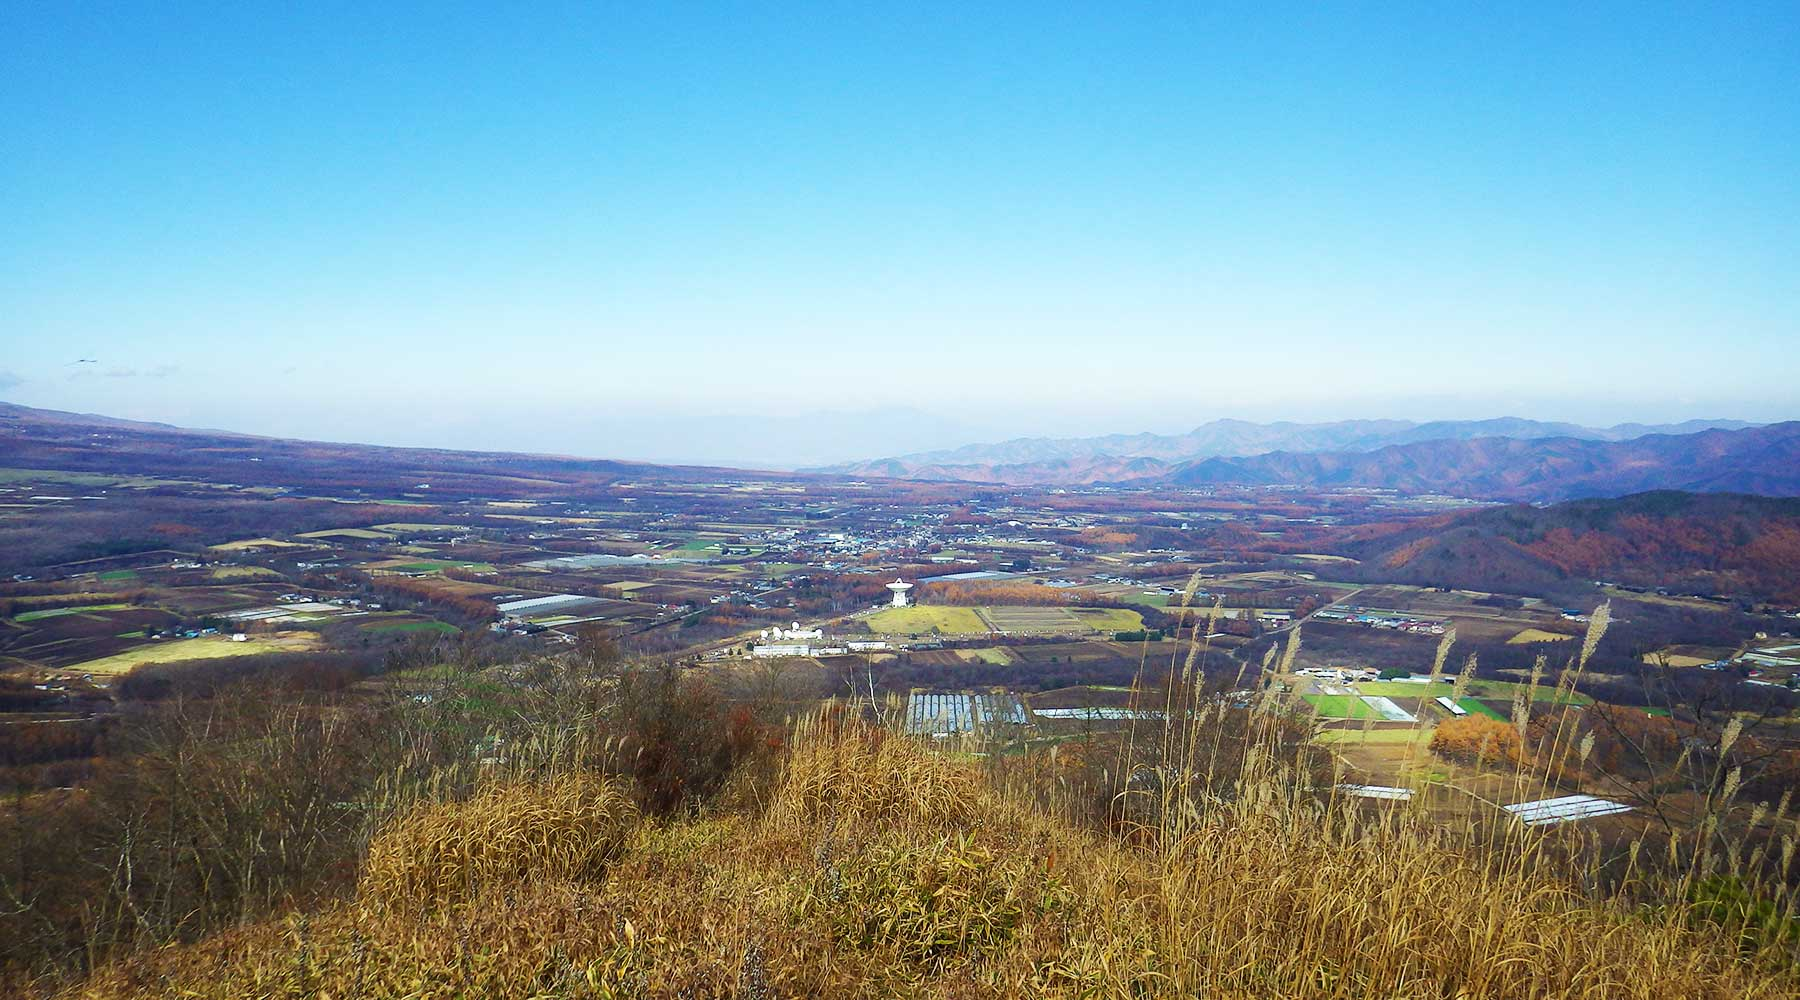 平沢山から見た国立天文台野辺山宇宙電波観測所